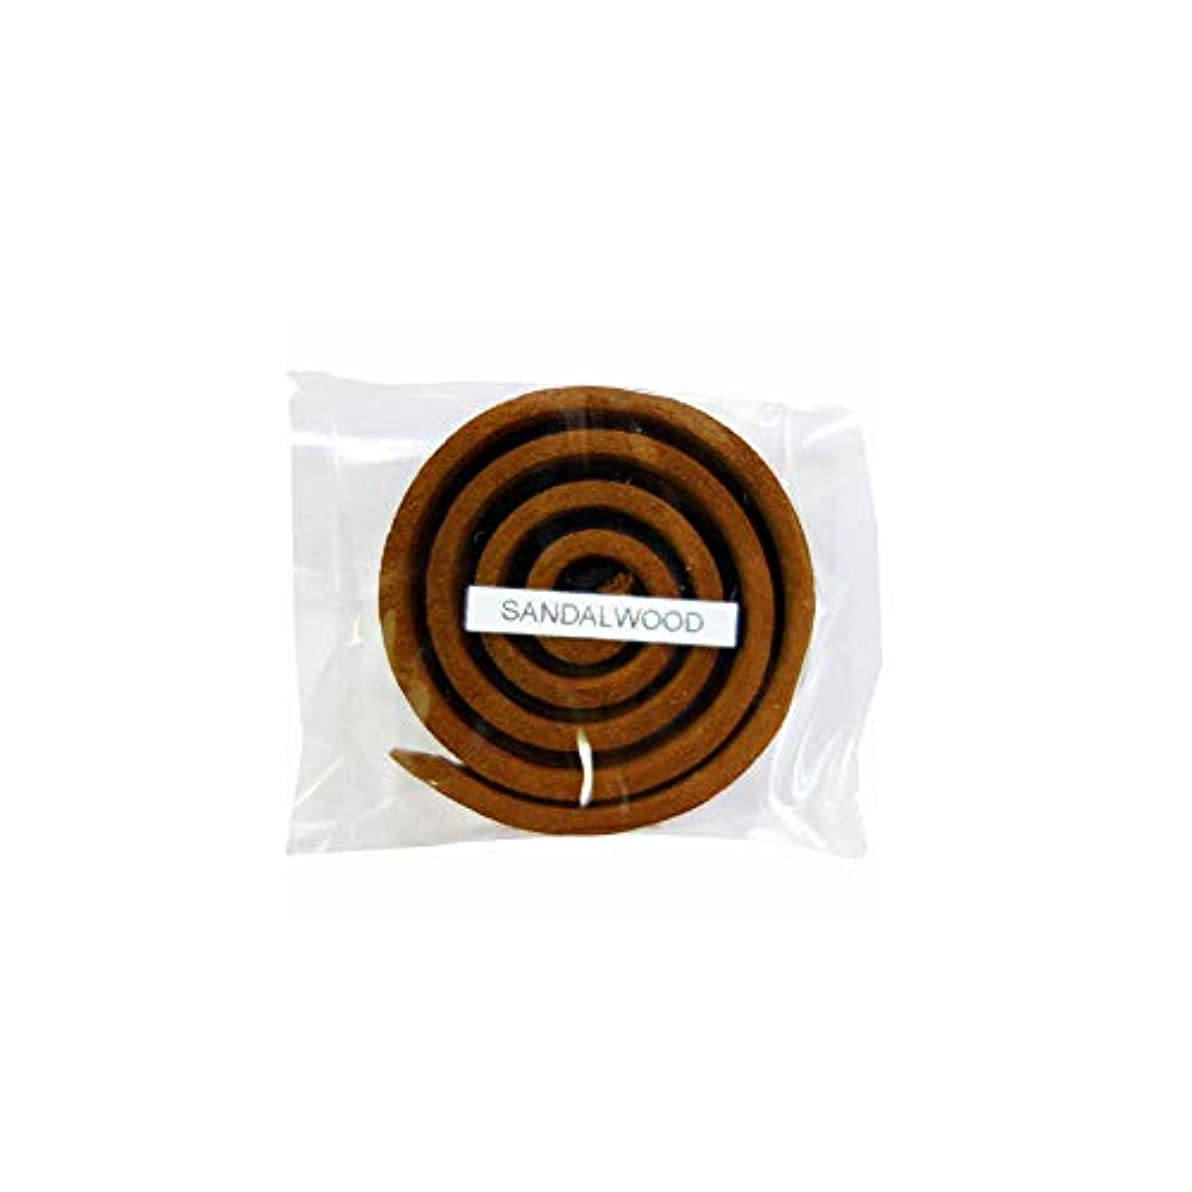 農場ウェイドトランジスタお香/うずまき香 SANDALWOOD サンダルウッド 直径5cm×5巻セット [並行輸入品]